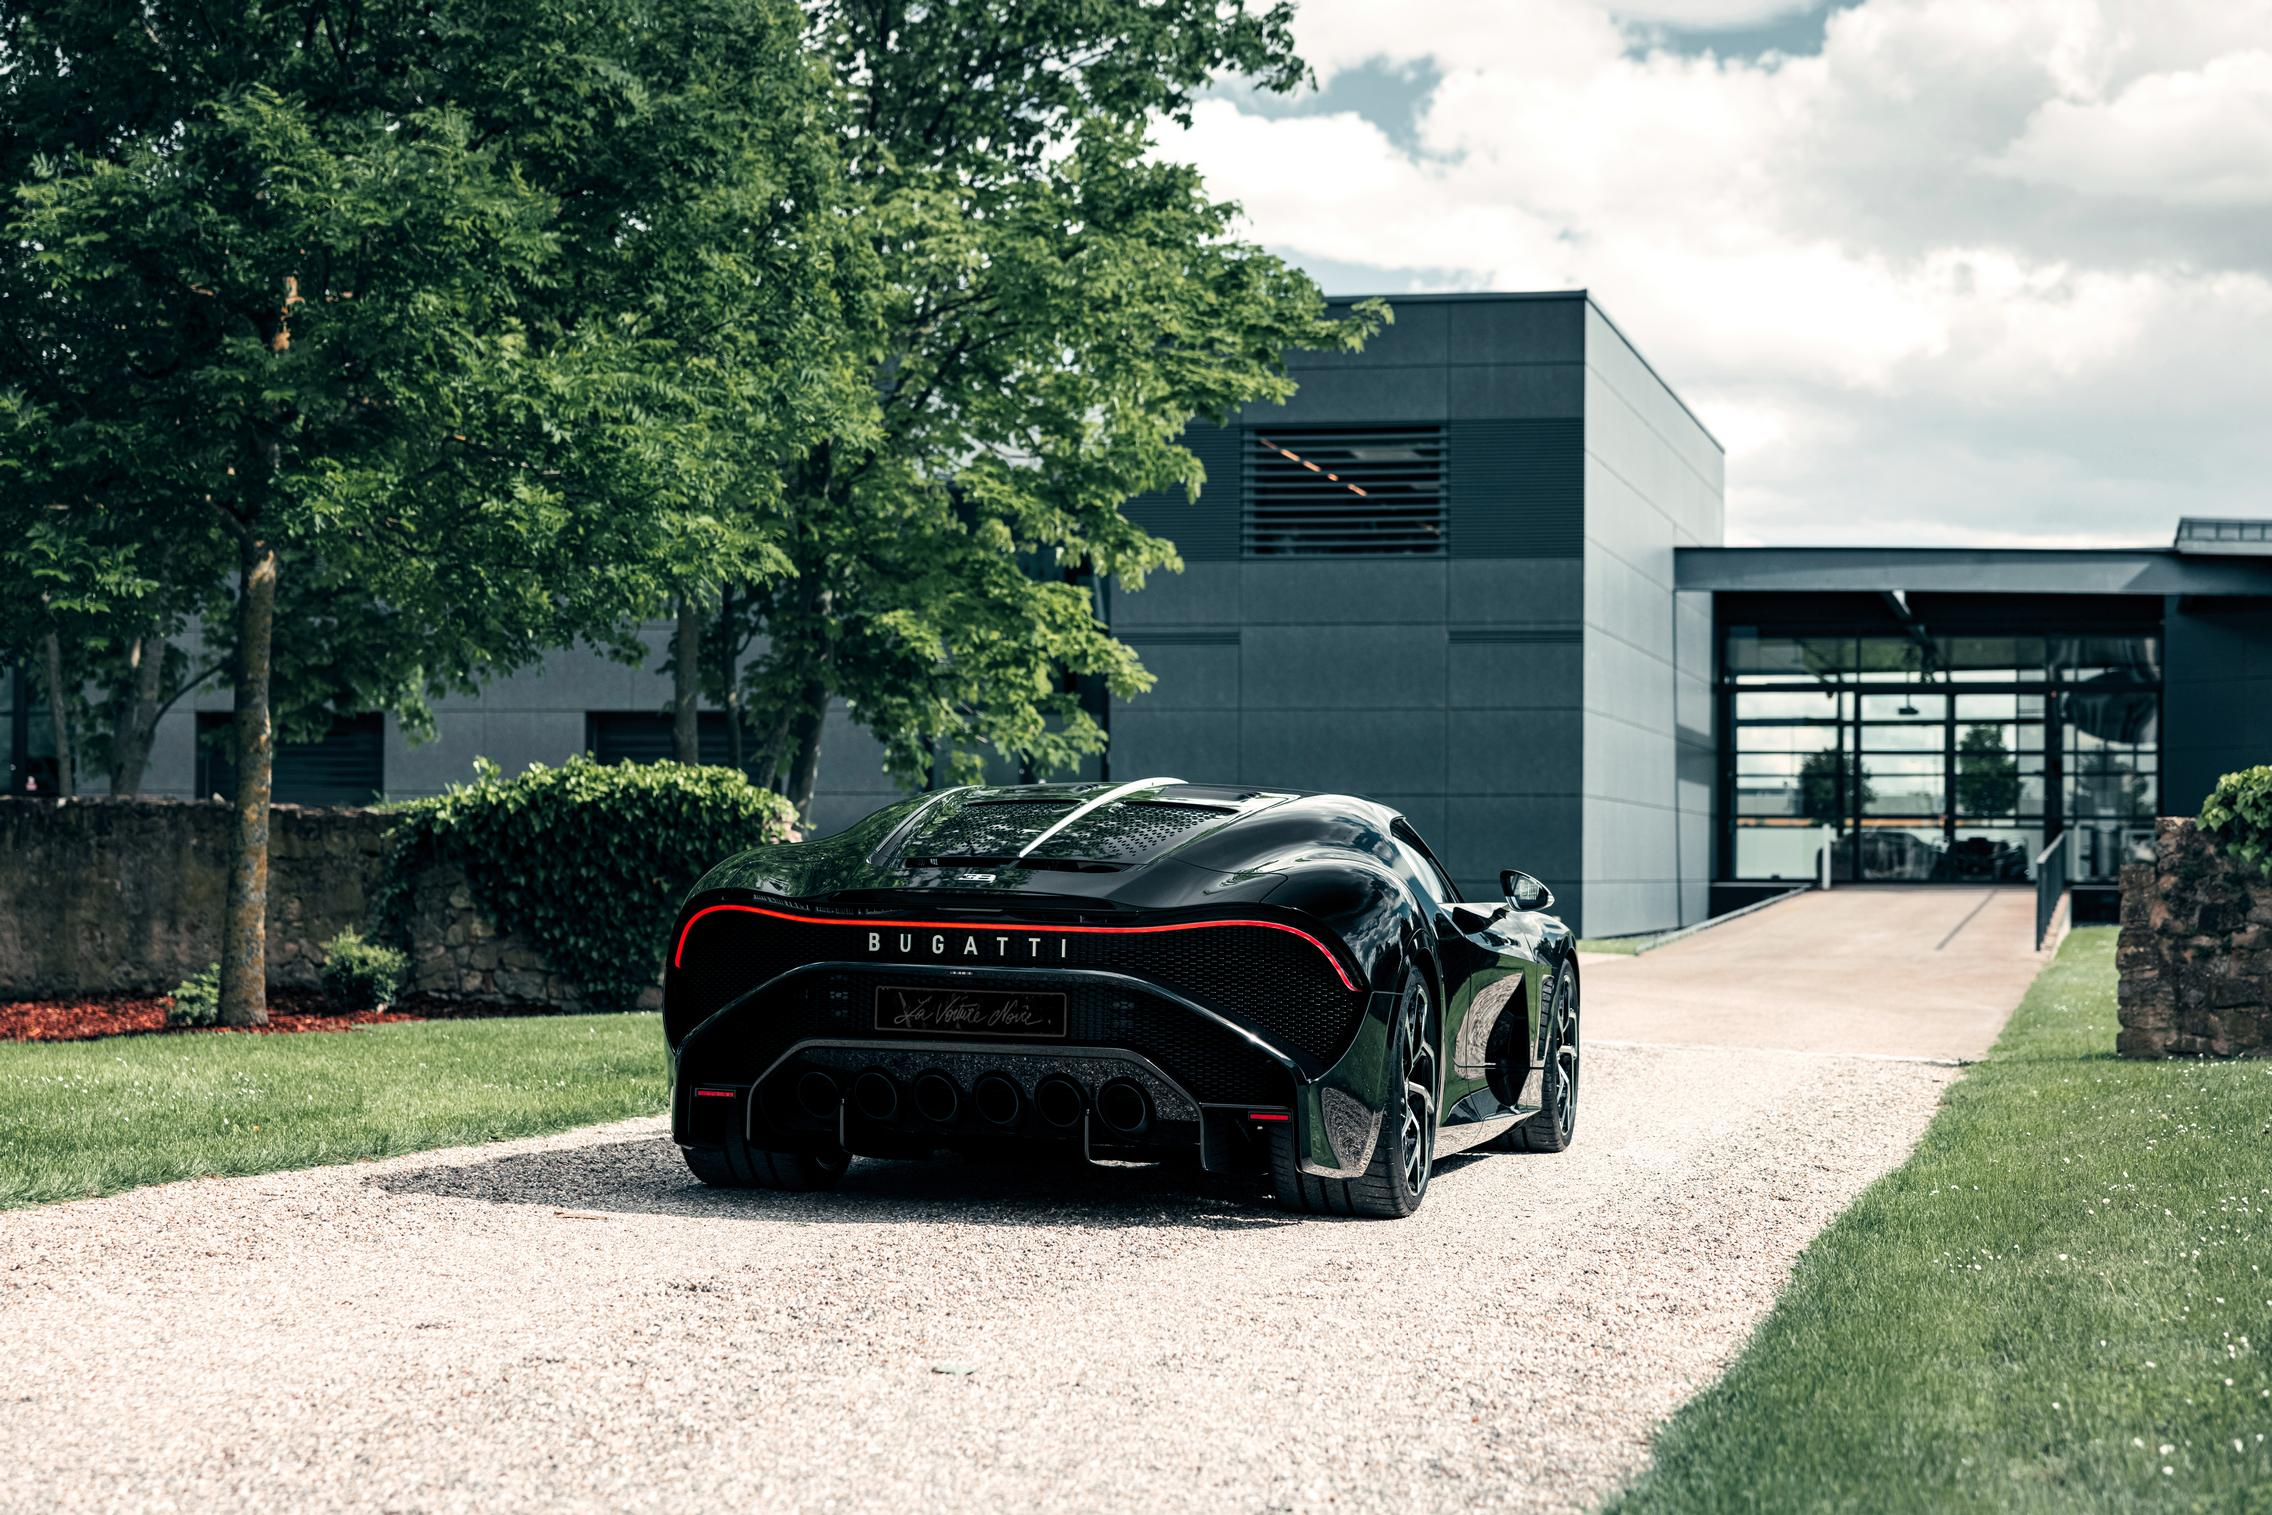 Bugatti La Voiture Noire rear lights